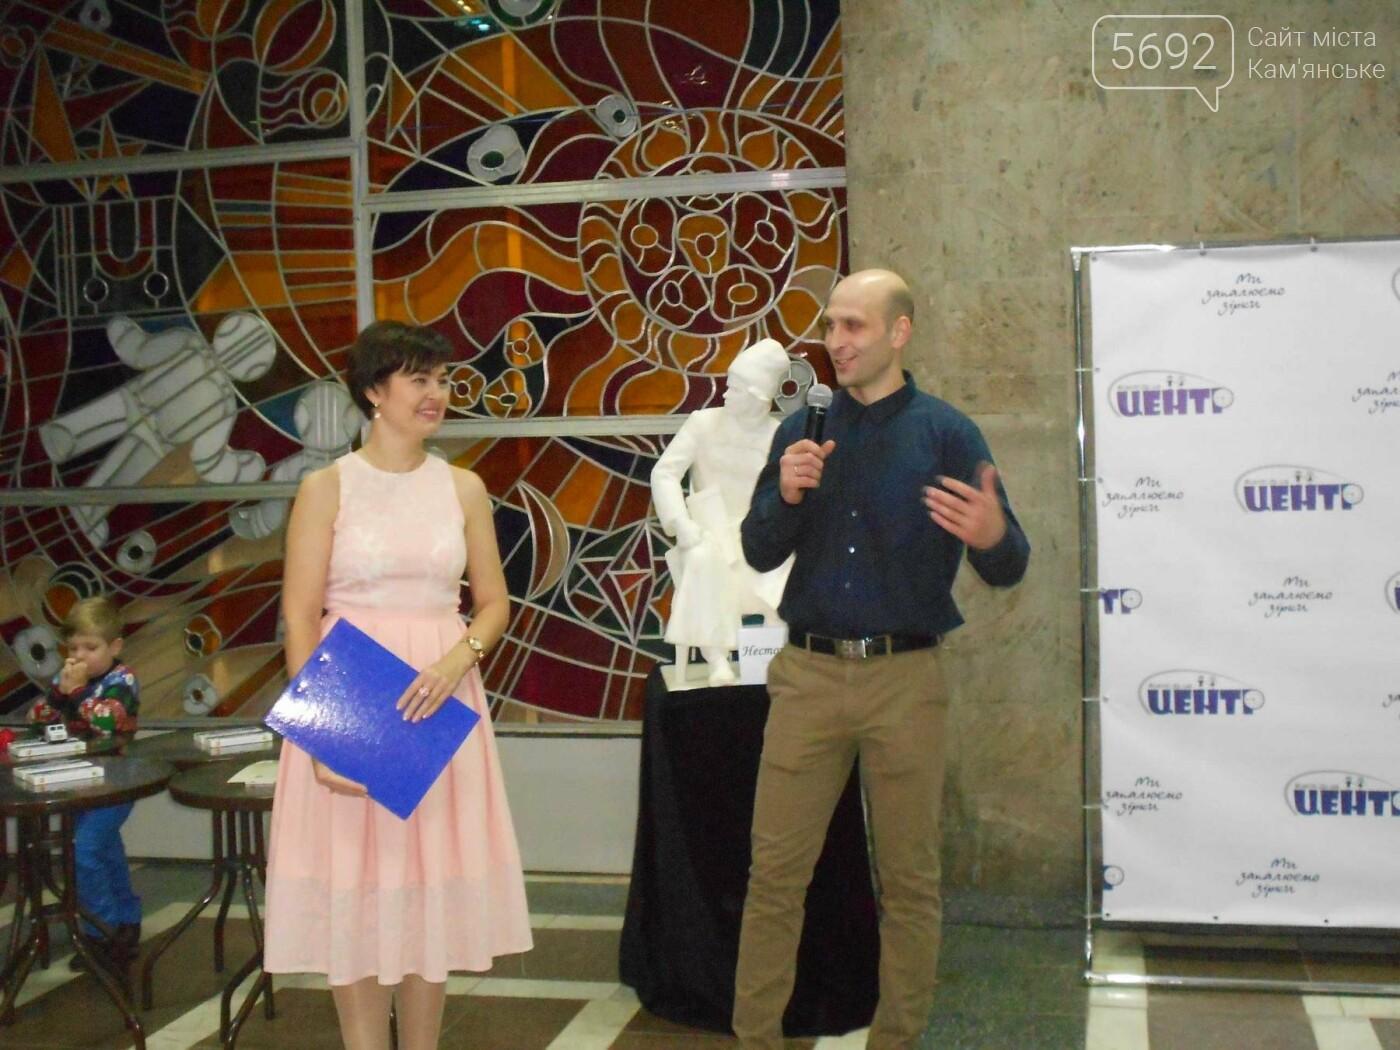 От пластилина до искусства: в Каменском открылась выставка скульптора Сергея Болдова, фото-13